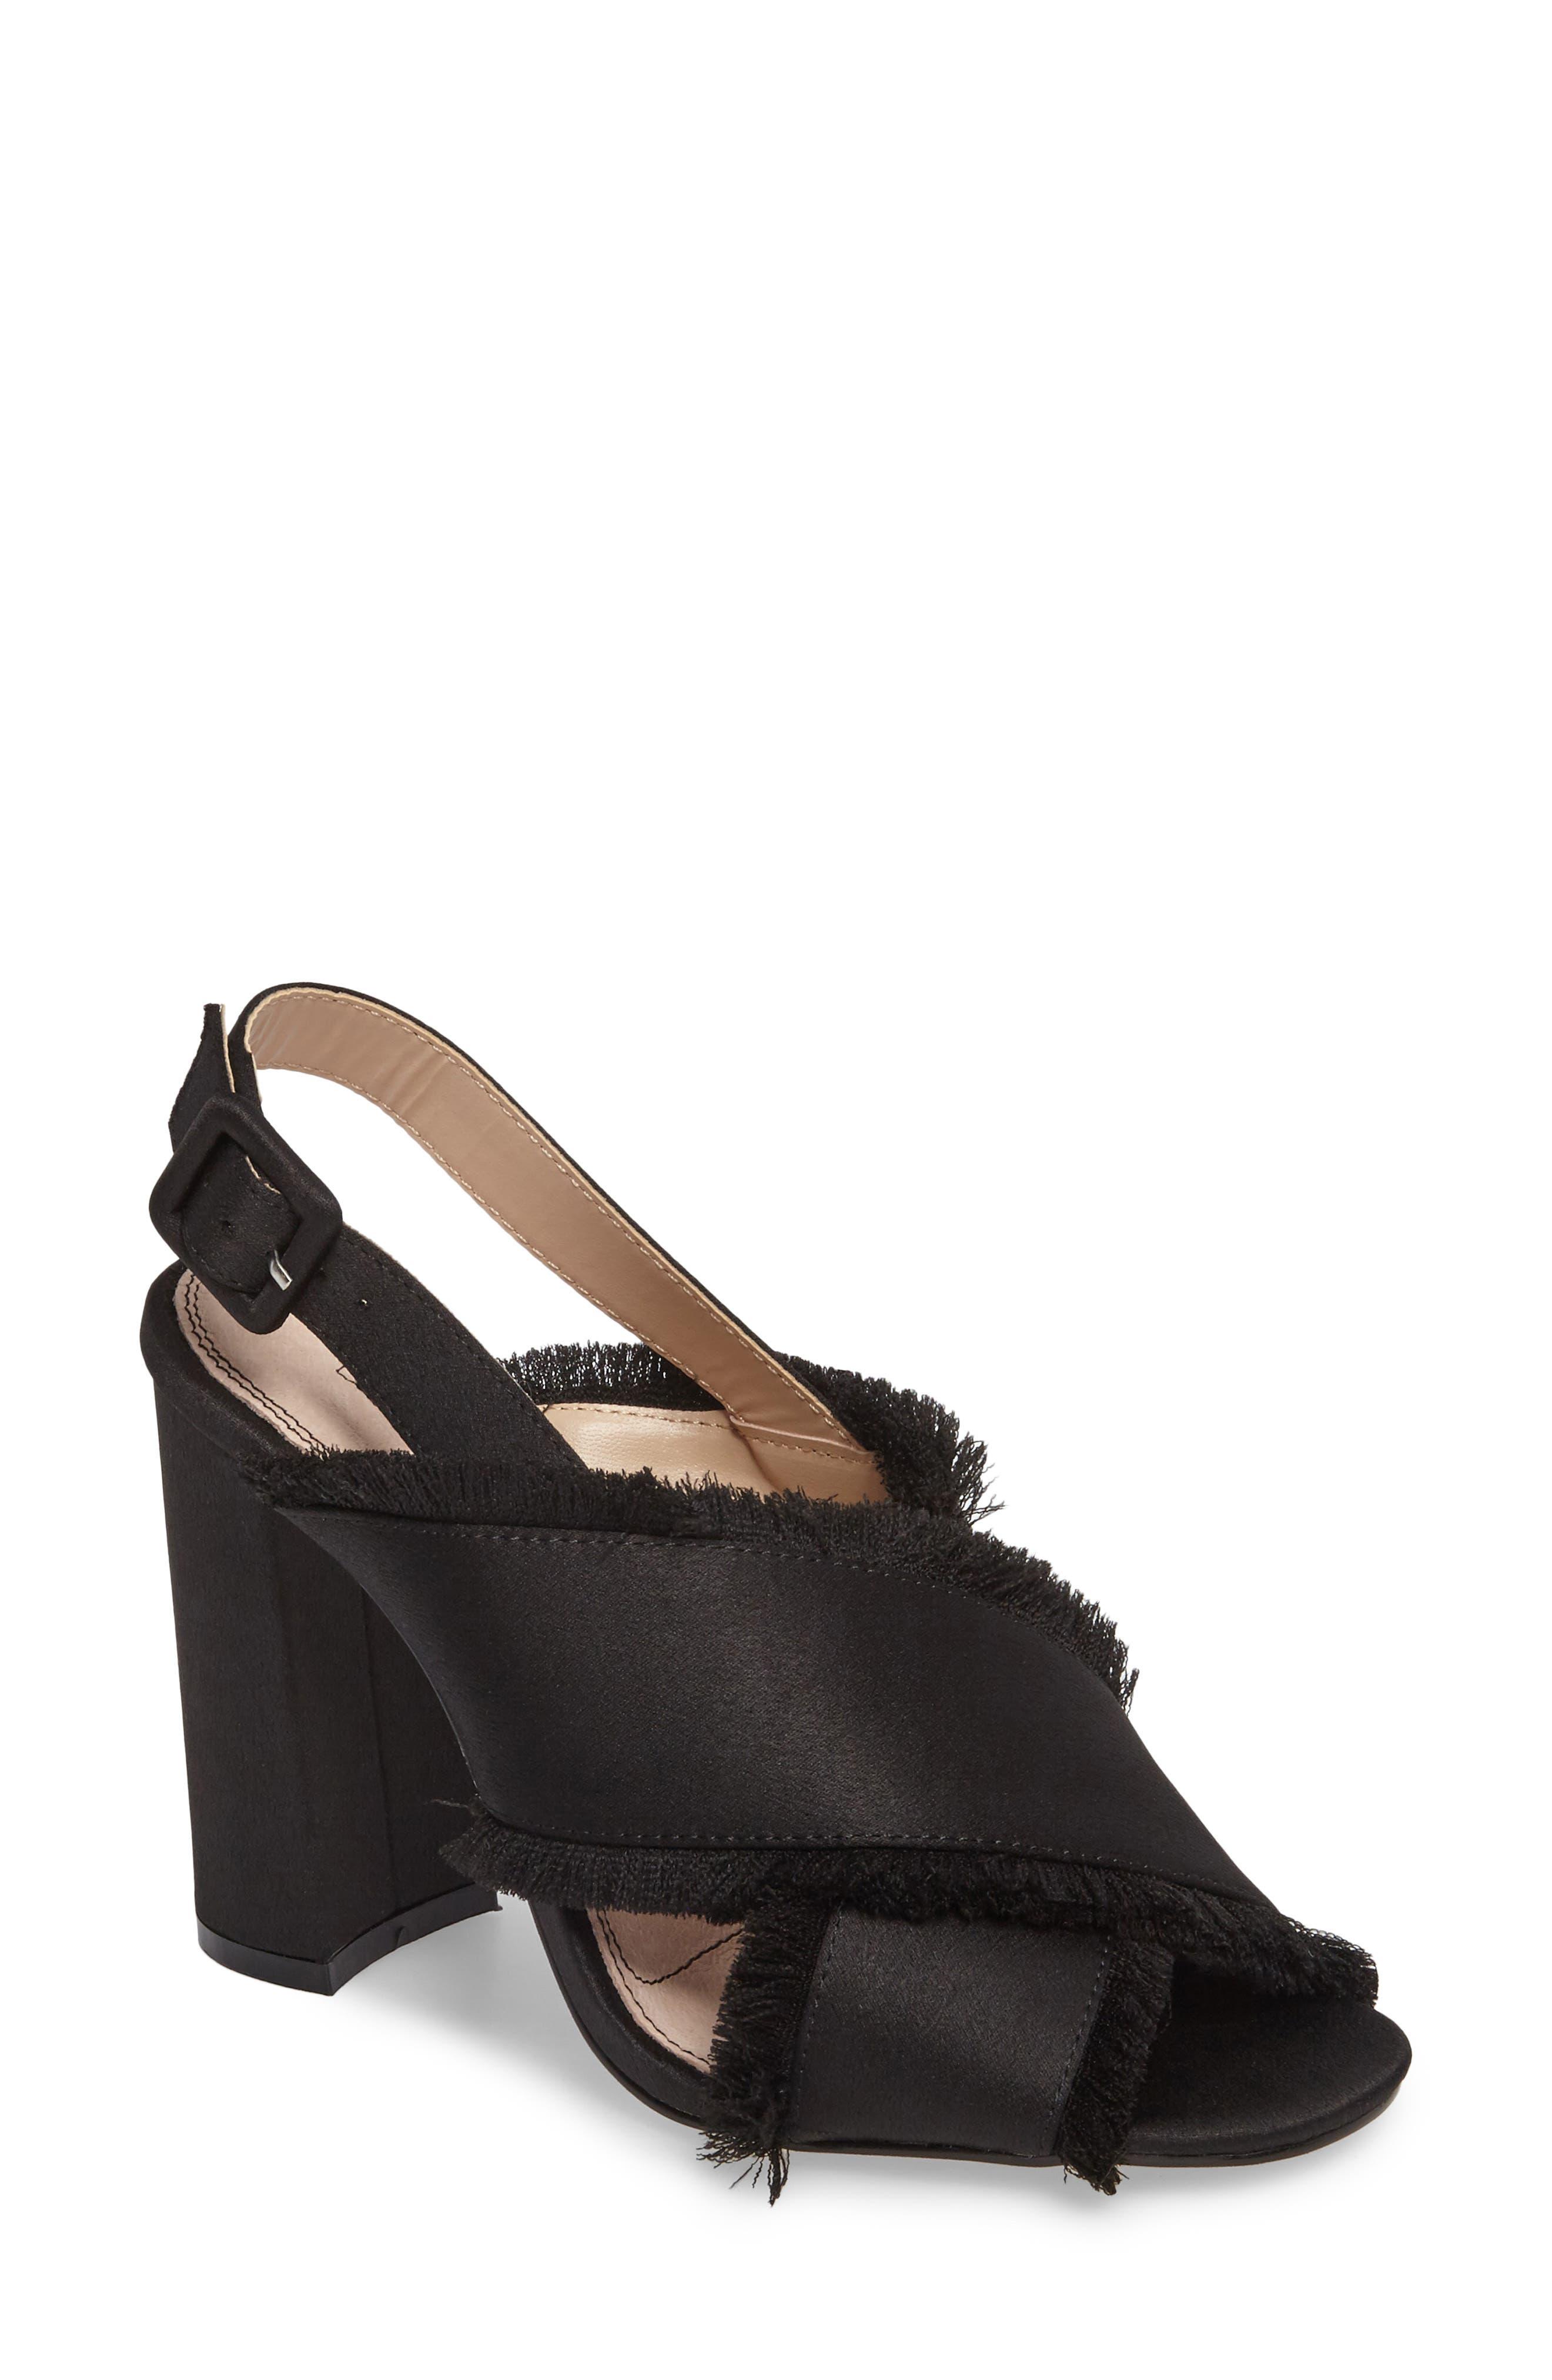 Reef Fringe Sandal,                         Main,                         color, Black